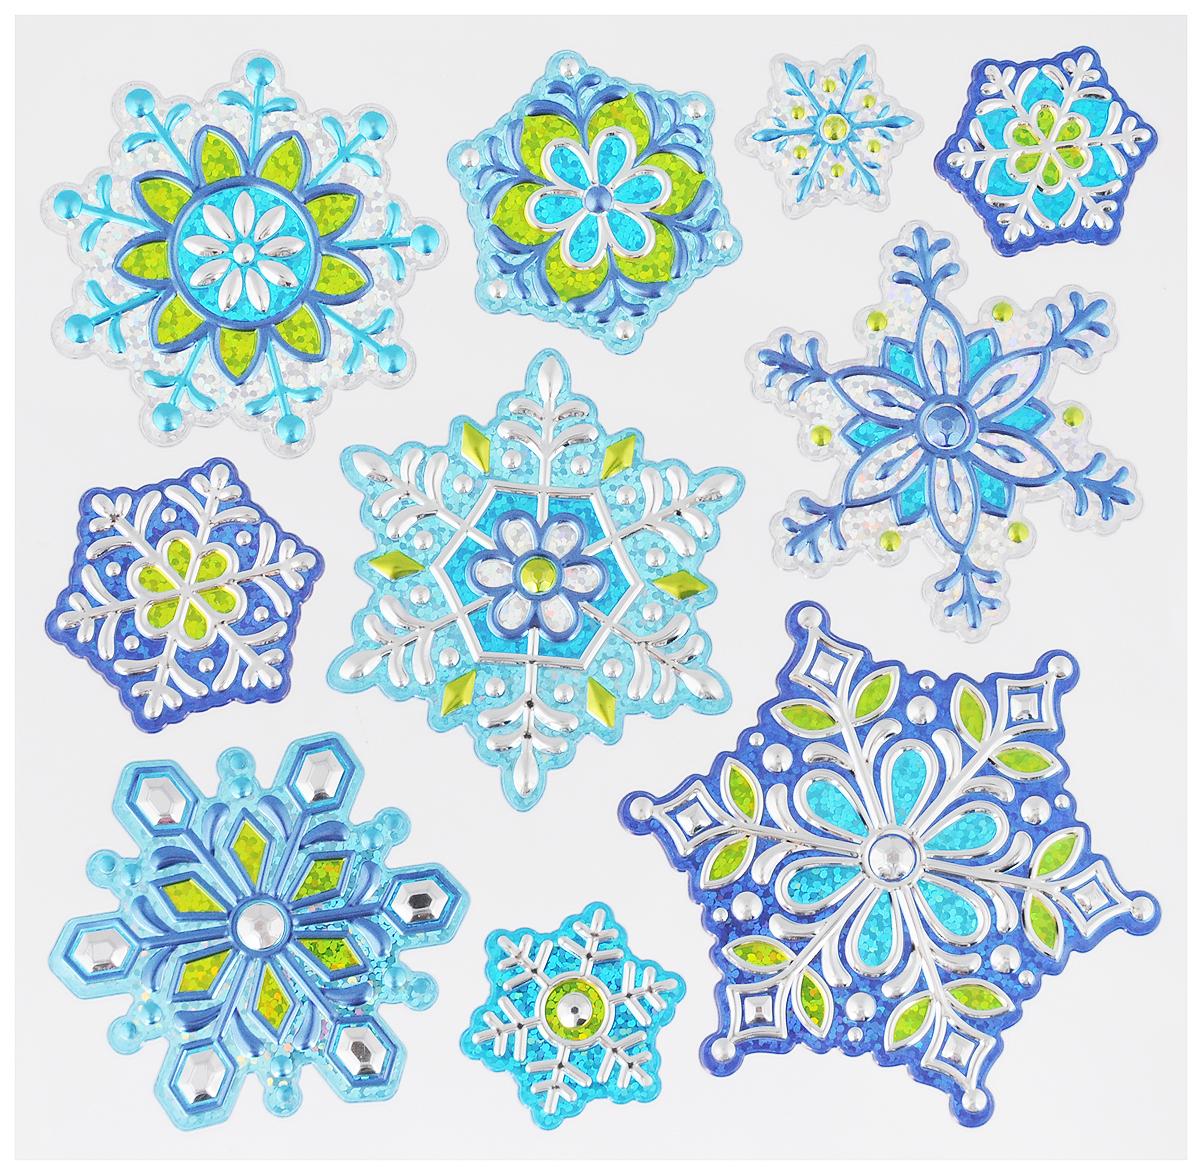 Украшение новогоднее оконное Winter Wings Снежинки, 10 штN09363Новогоднее оконное украшение Winter Wings Снежинки поможет украсить дом к предстоящим праздникам. Наклейки изготовлены из ПВХ.С помощью этих украшений вы сможете оживить интерьер по своему вкусу, наклеить их на окно, на зеркало или на дверь.Новогодние украшения всегда несут в себе волшебство и красоту праздника. Создайте в своем доме атмосферу тепла, веселья и радости, украшая его всей семьей. Размер листа: 17,5 х 18 см. Количество наклеек на листе: 10 шт.